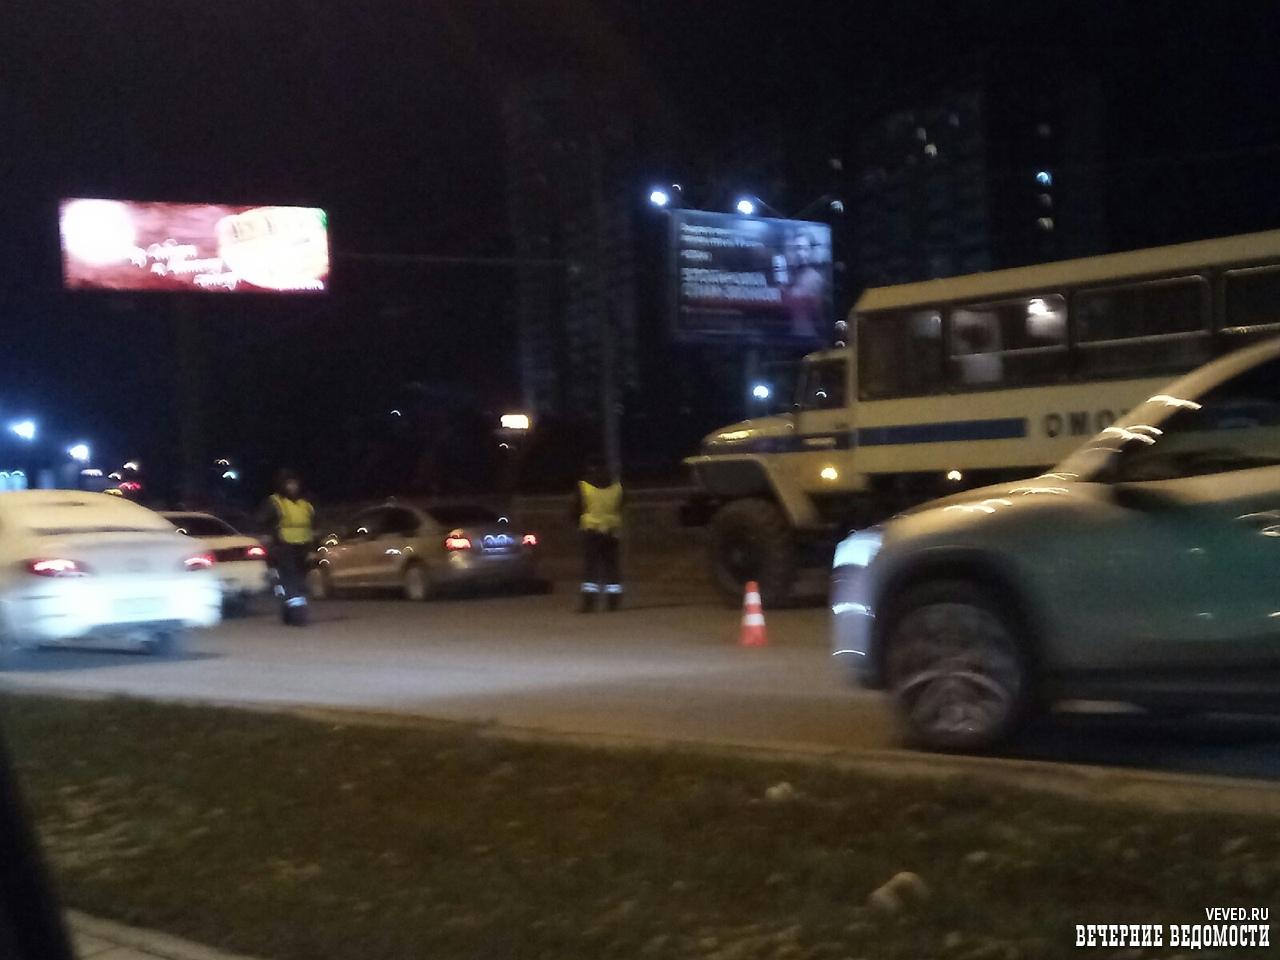 Ночью в Екатеринбурге полиция и ОМОН занимались отловом угонщиков